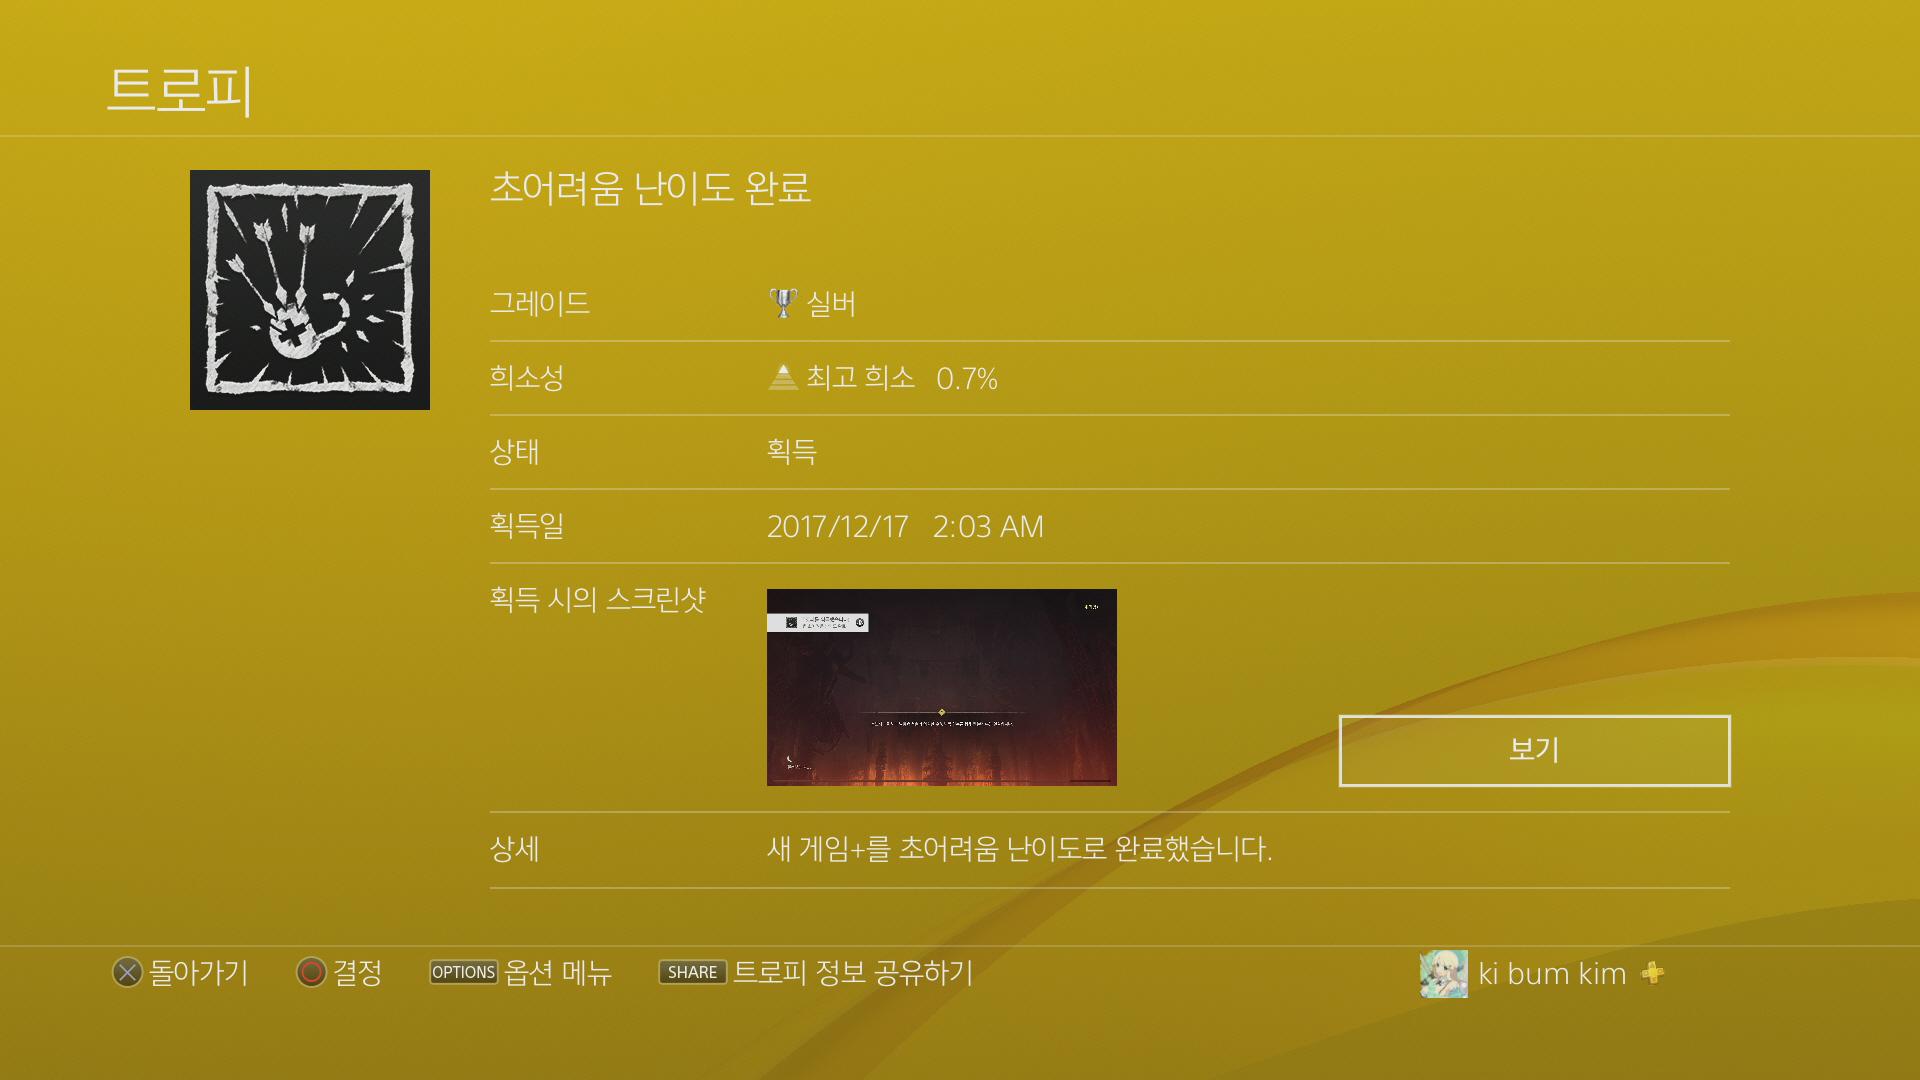 [PS4] 호라이즌 제로 던 트로티 올 클리어